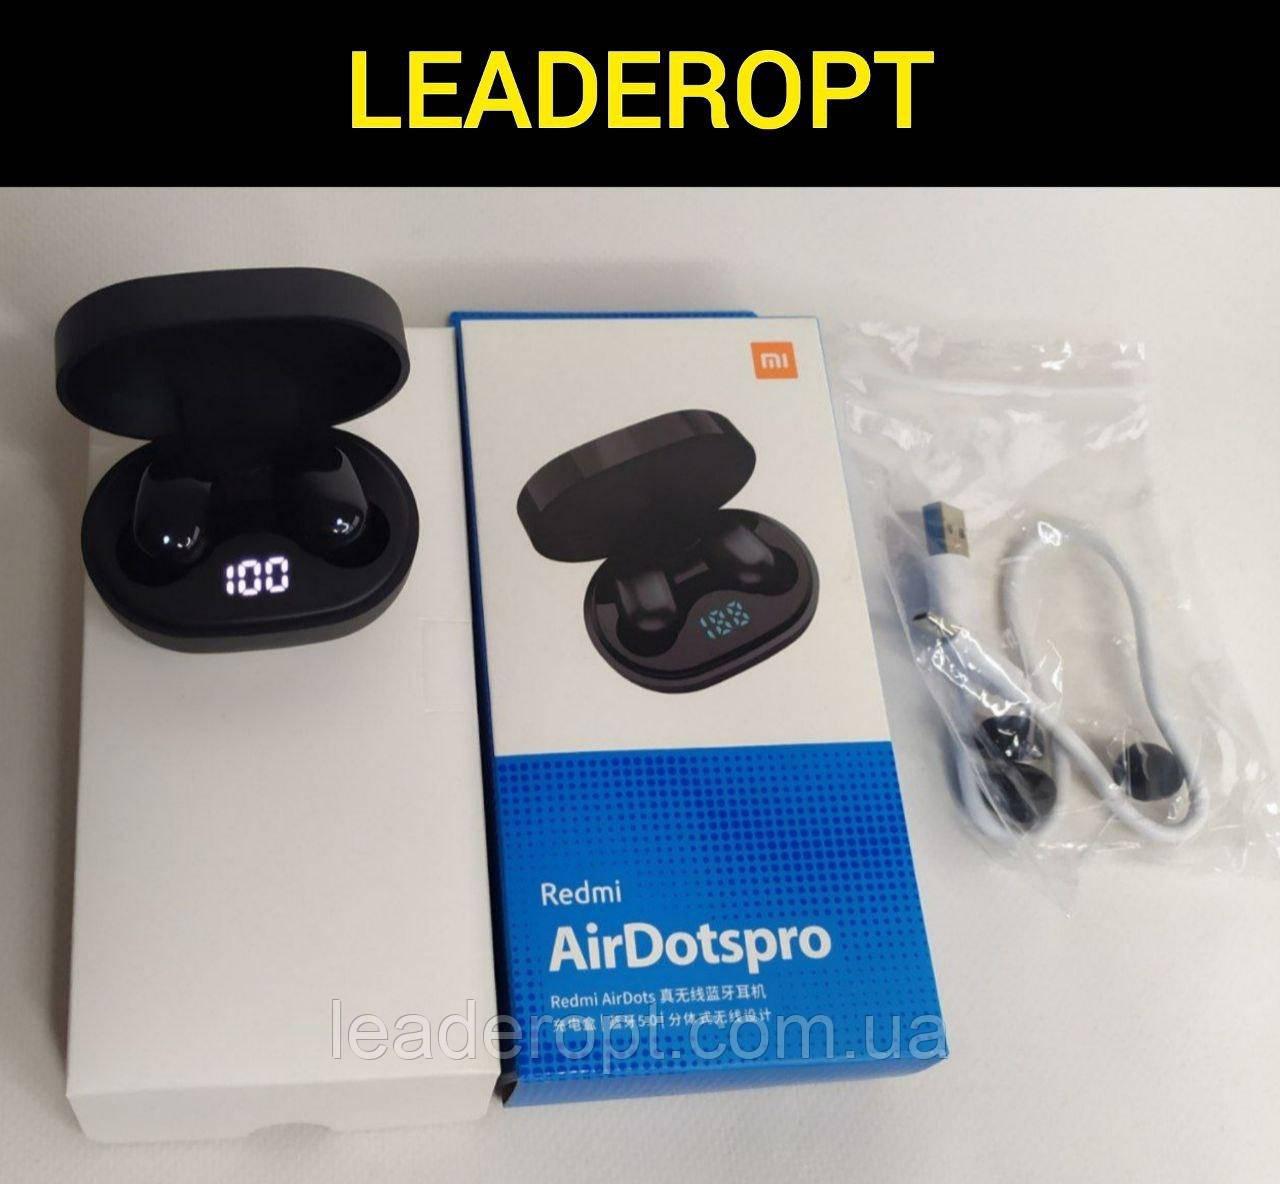 ОПТ Беспроводные наушники Xiaomi Redmi AirDotspro с боксом Bluetooth гарнитура 5.0 вкладыши